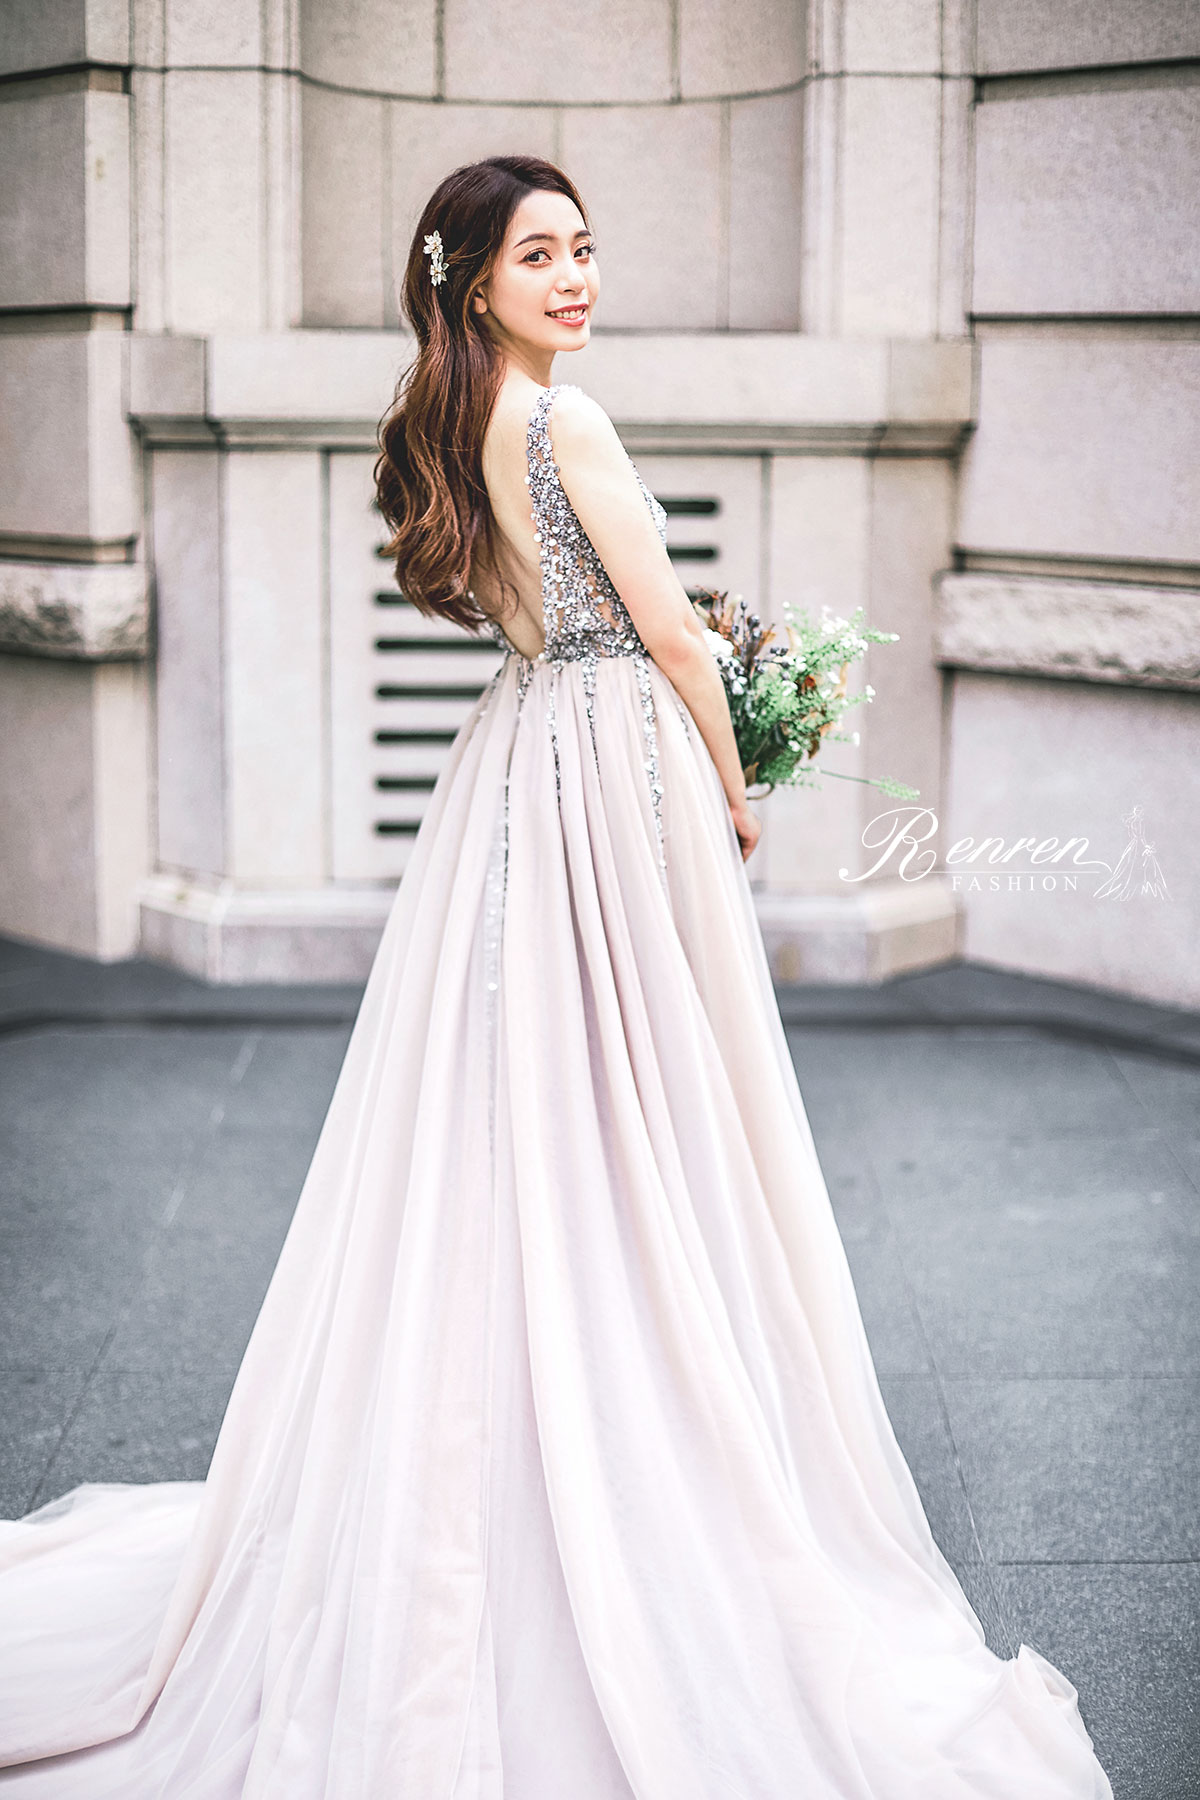 台中婚紗街拍-七期建築-街頭-婚紗